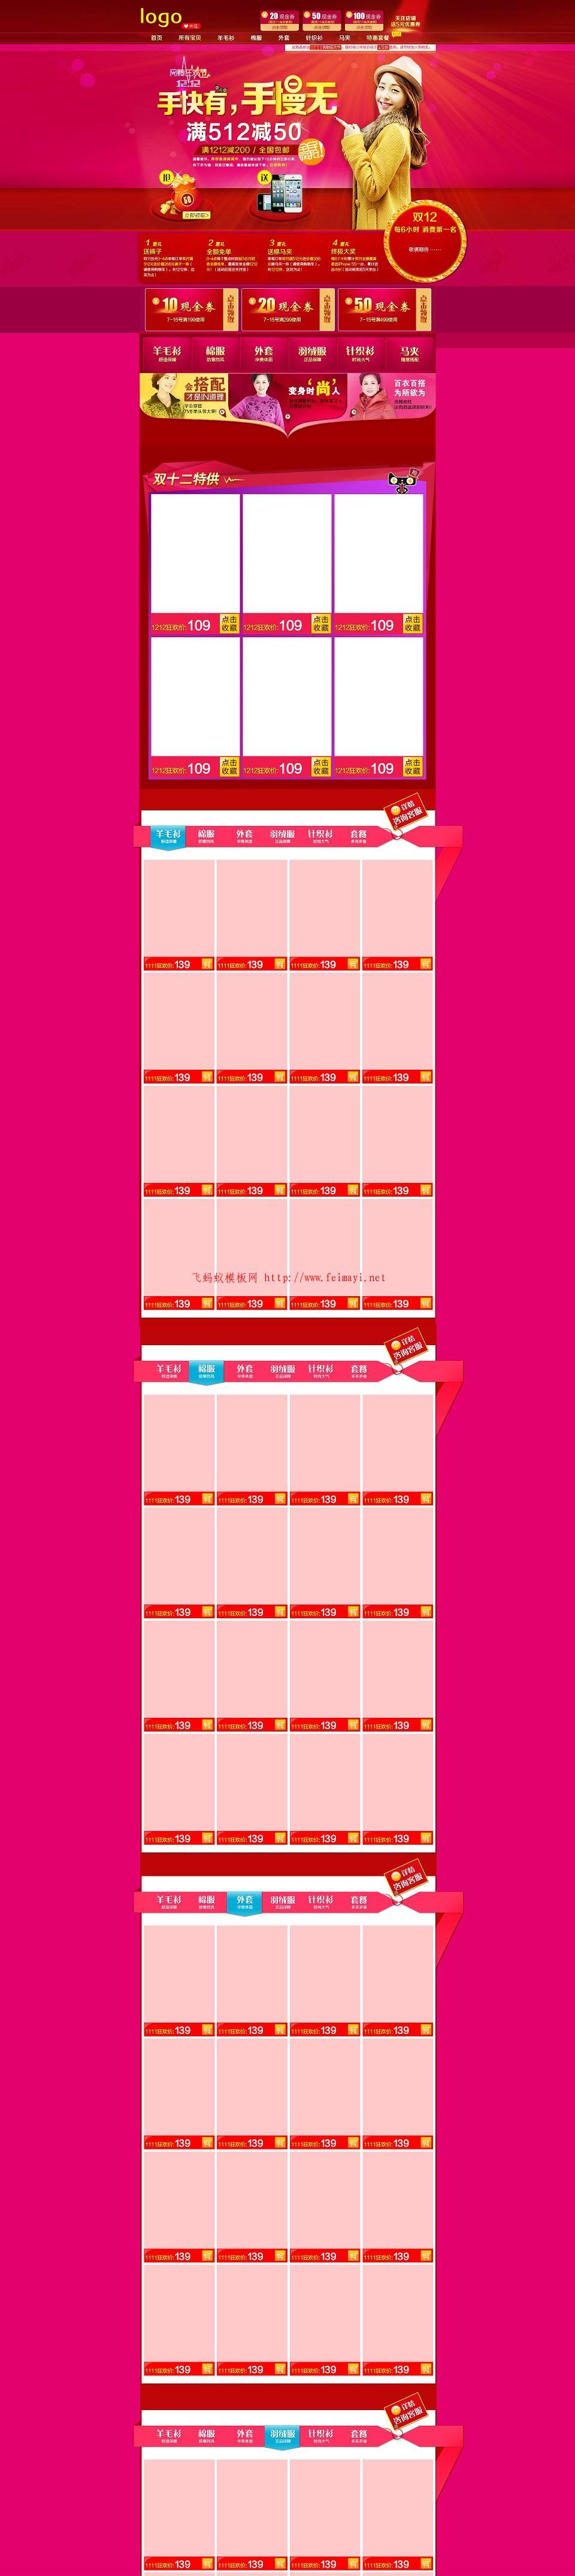 全屏红色淘宝首页女装psd行业通用PSD素材女装模板免费下载